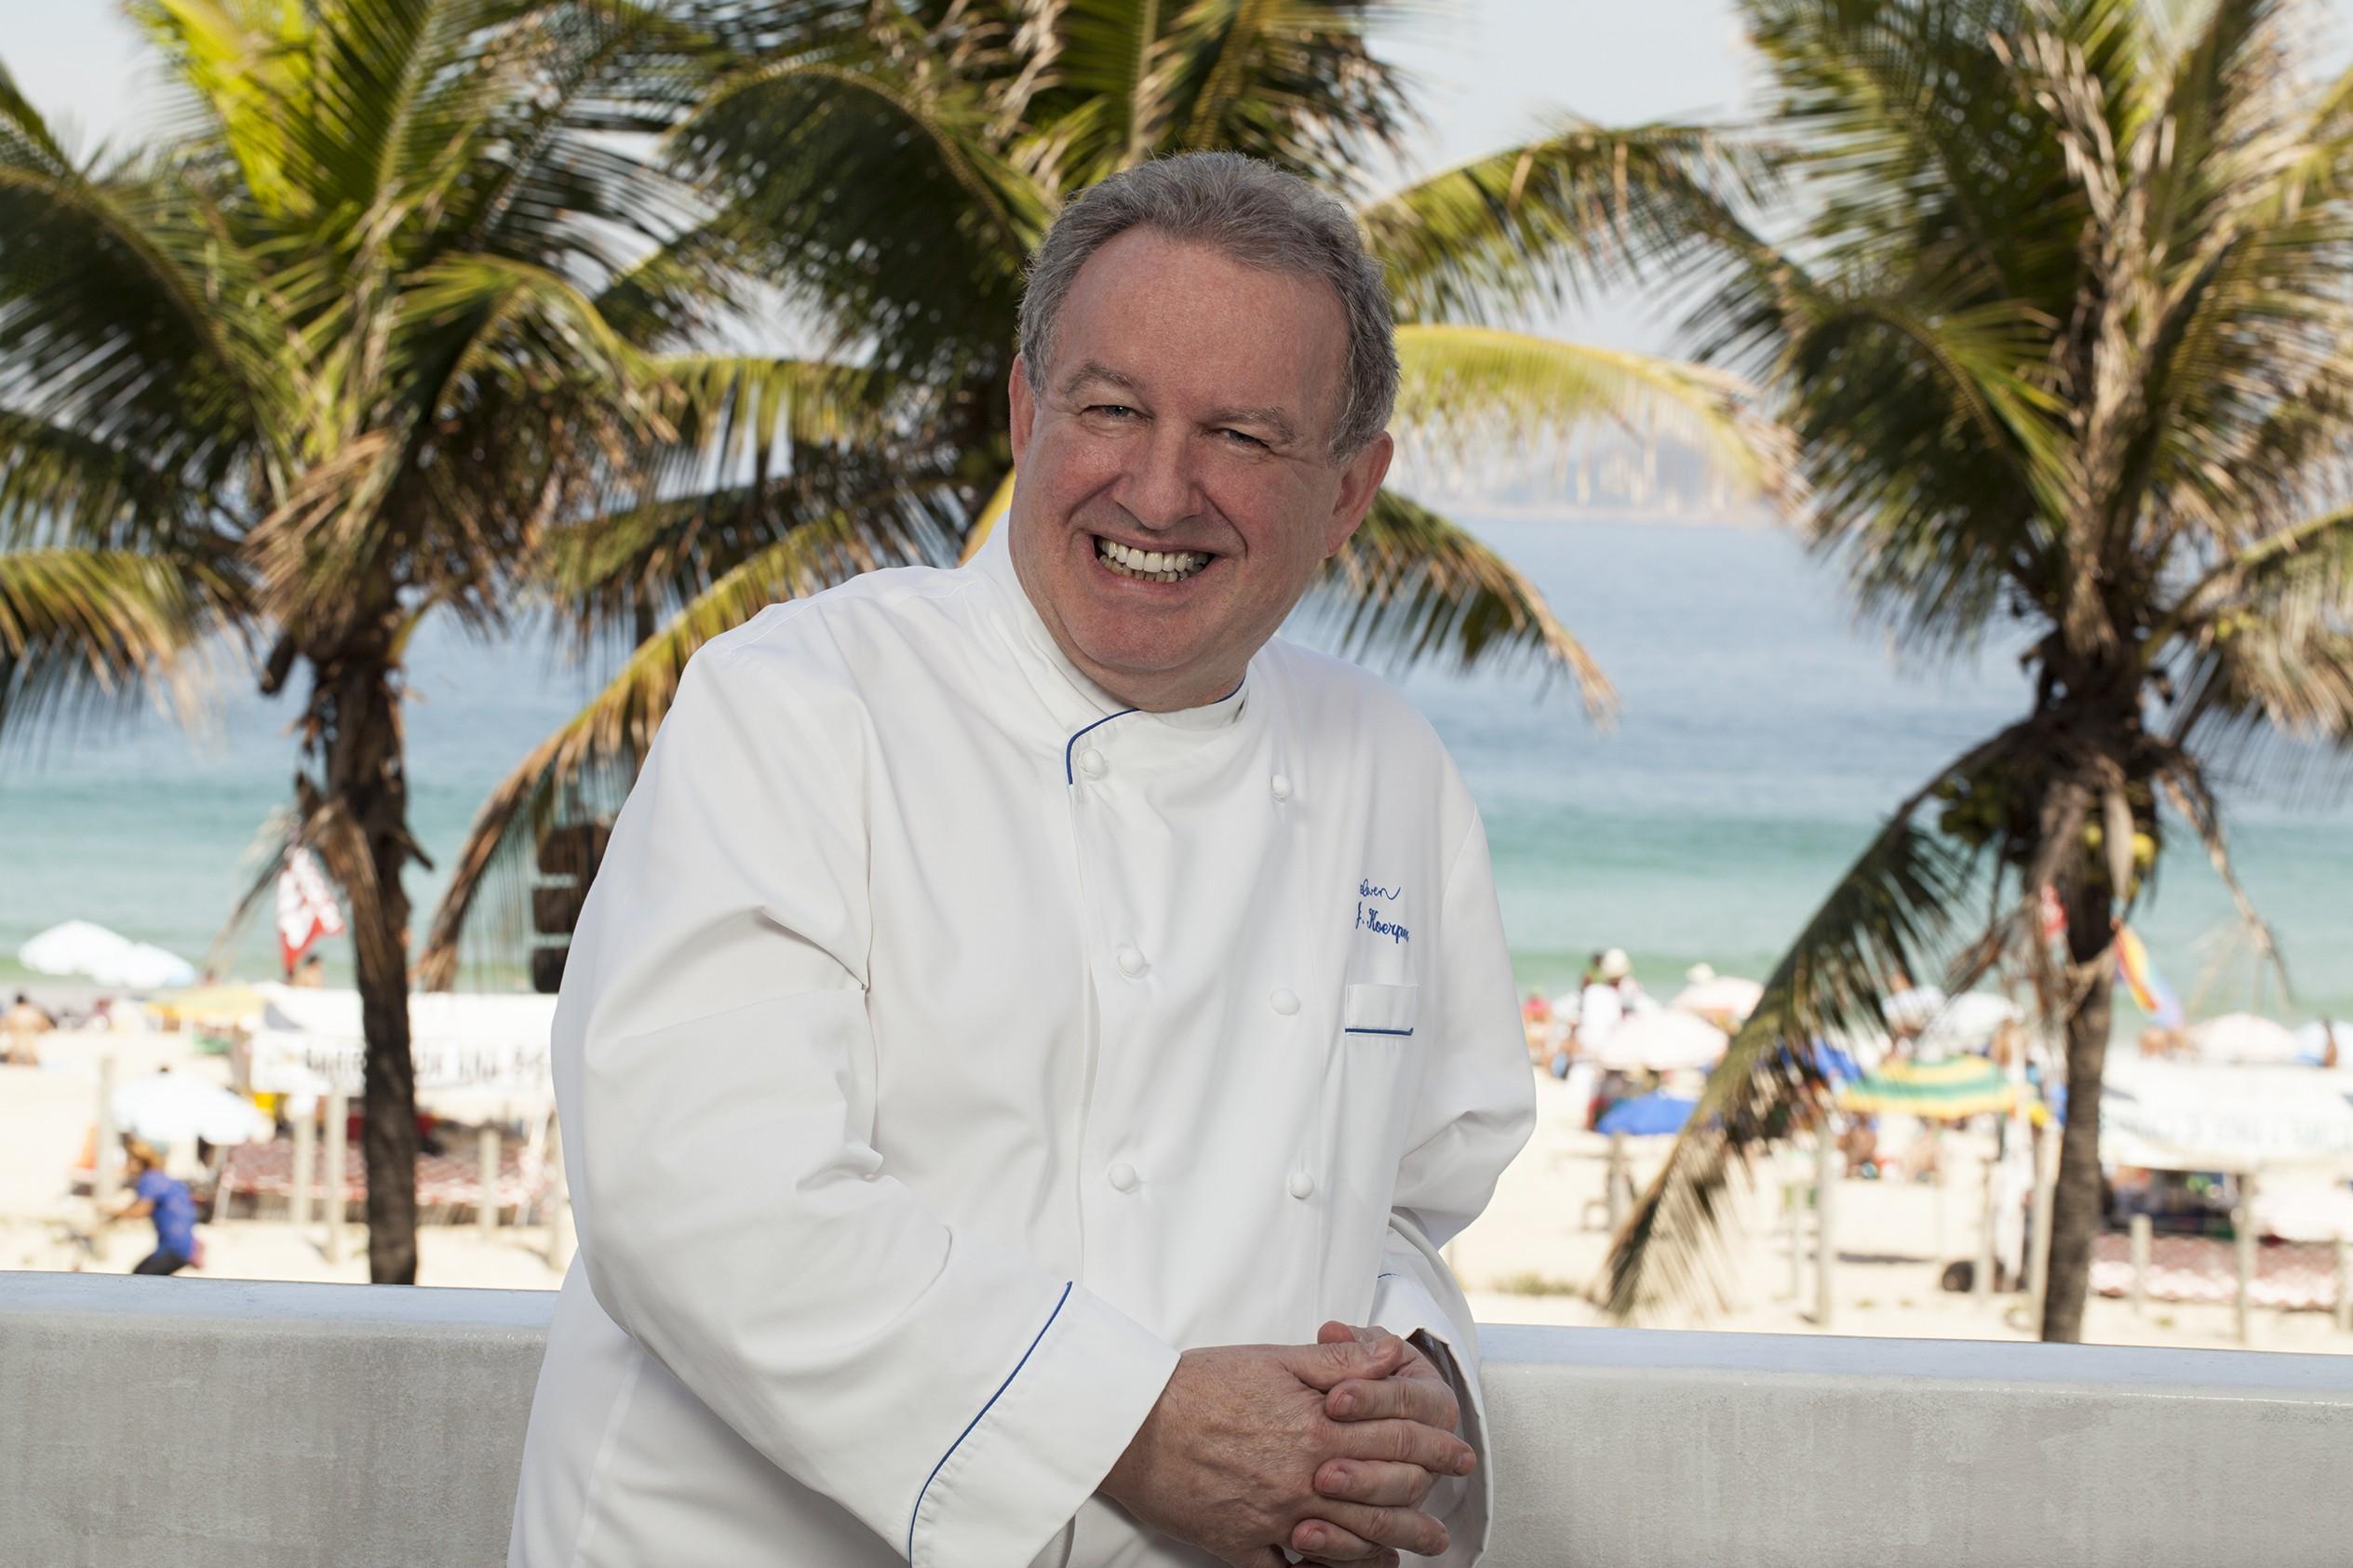 O chef alemão Joachim Koerper, que tem uma estrela Michelin no seu Eleven Rio, é fã do churrasco carioca (Foto: Rodrigo Azevedo)